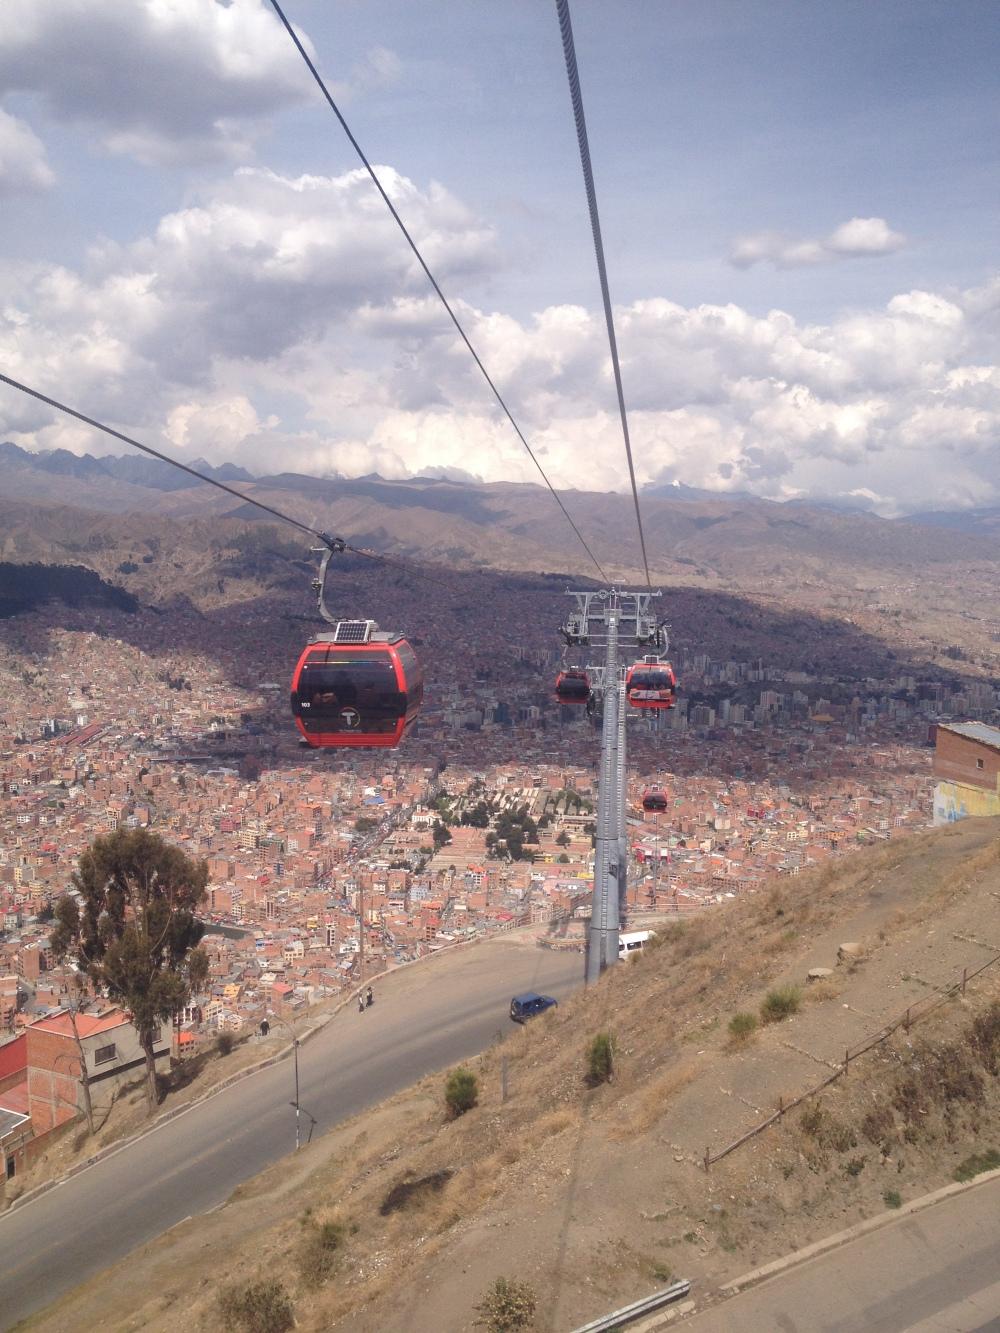 Teleferico, die Stand-Seilbahn von La Paz